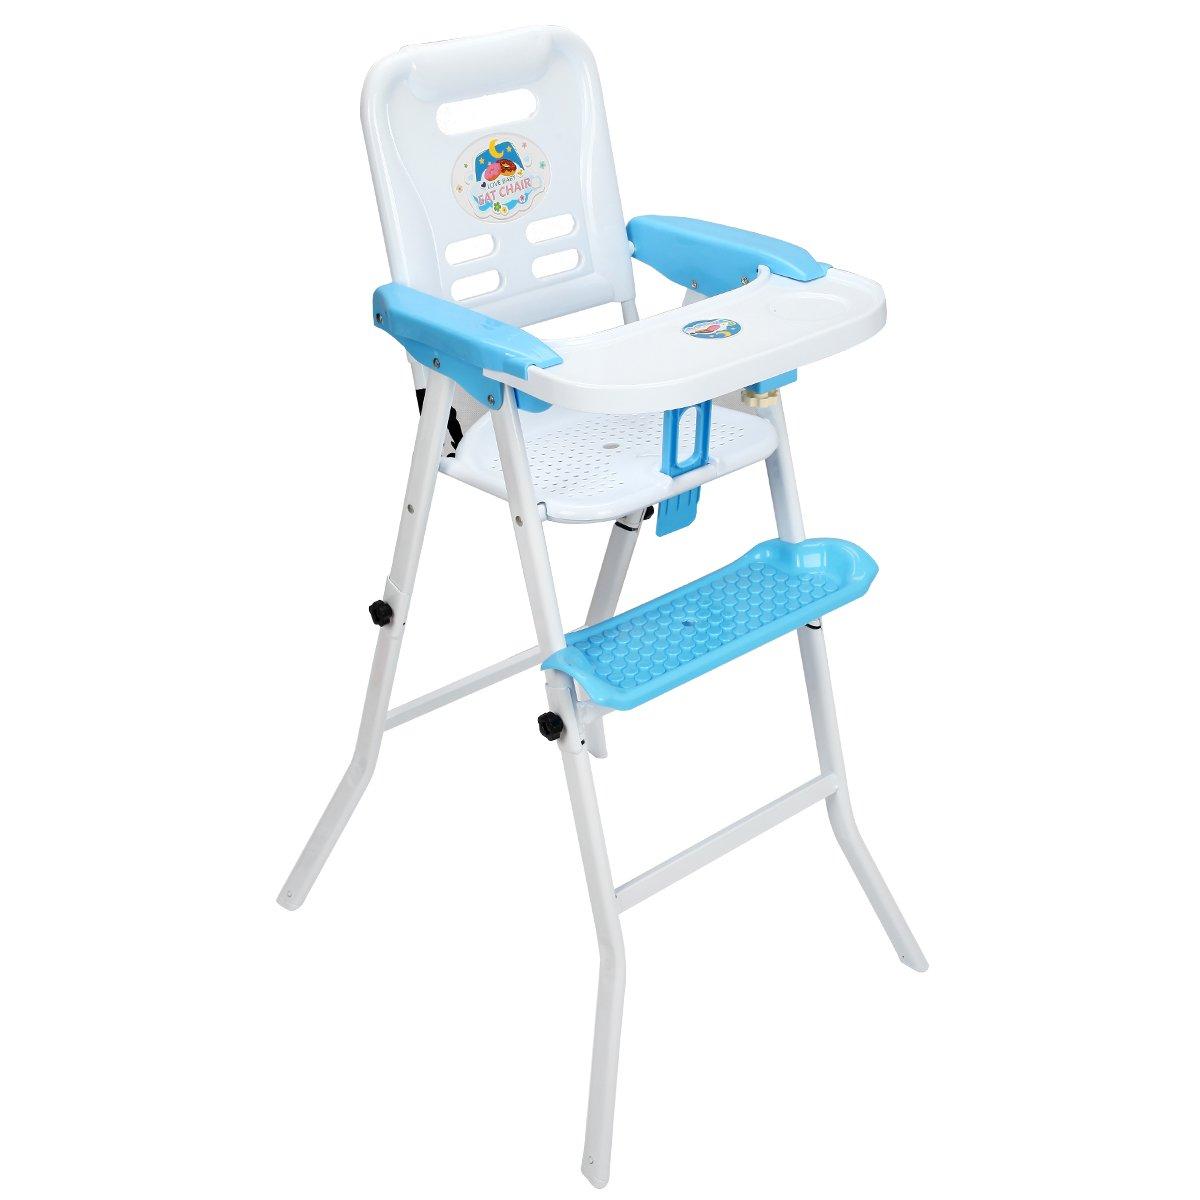 4 IN 1 Multi Kinderhochstuhl mit Schaukelfunktion Hochstuhl Kombihochstuhl Schaukelstuhl Treppenhochstuhl Babyhochstuhl (Blau) Blitzzauber 24